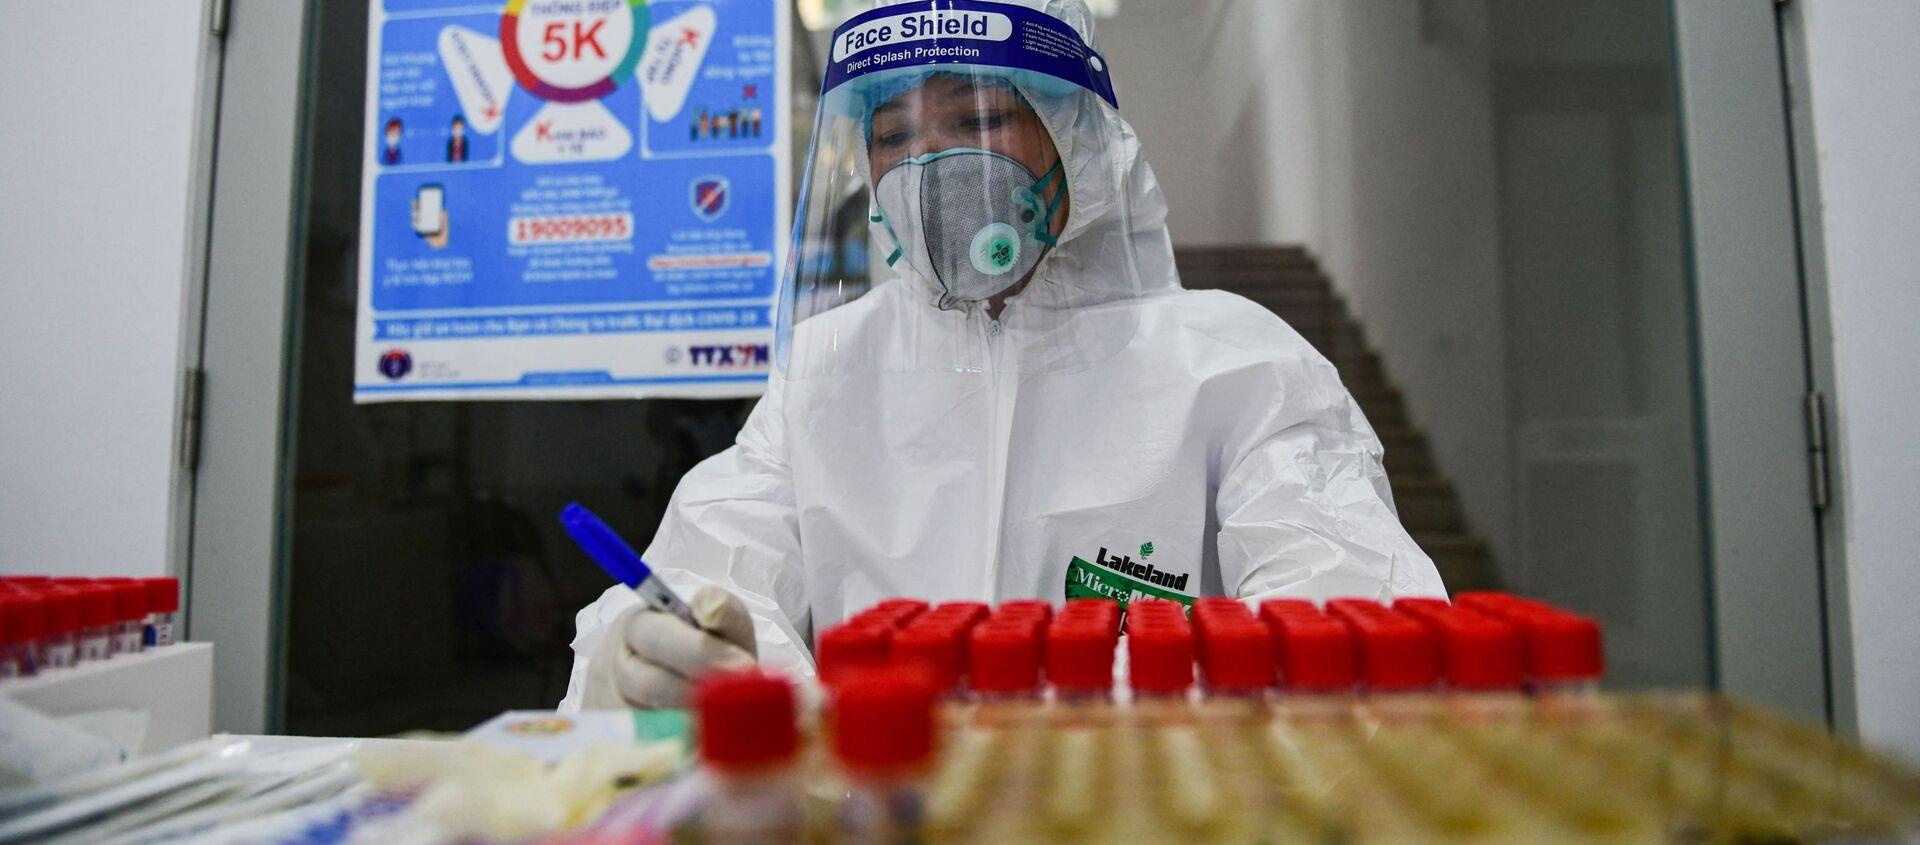 Nhân viên y tế Việt Nam làm xét nghiệm về coronavirus. - Sputnik Việt Nam, 1920, 19.05.2021